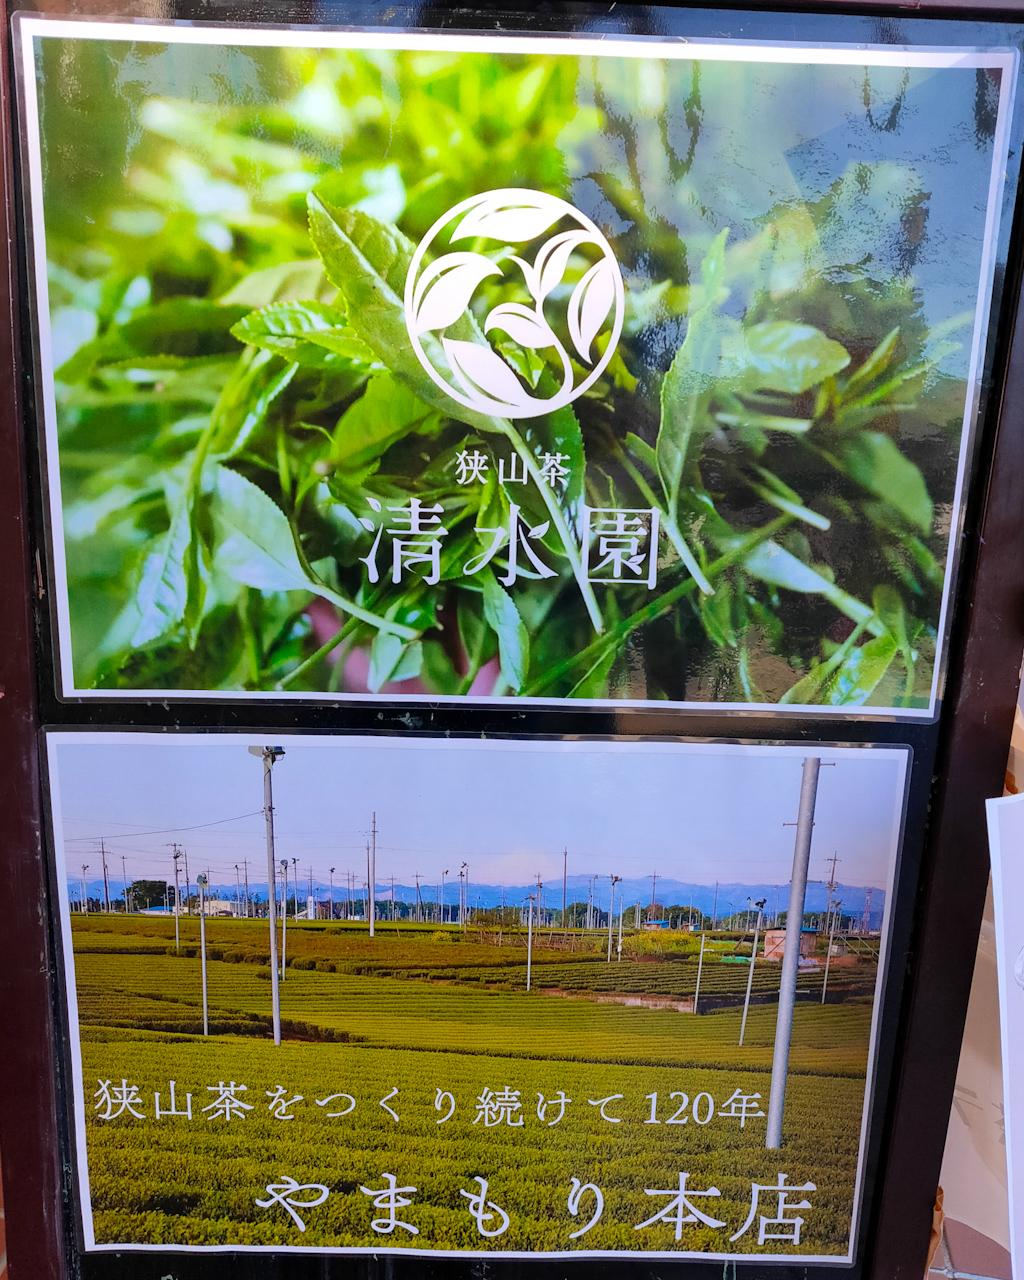 埼玉のお茶・狭山茶農家の「清水園」さんと「やまもり本店」さんの茶葉を使用した緑茶ラテや緑茶プリンを提供